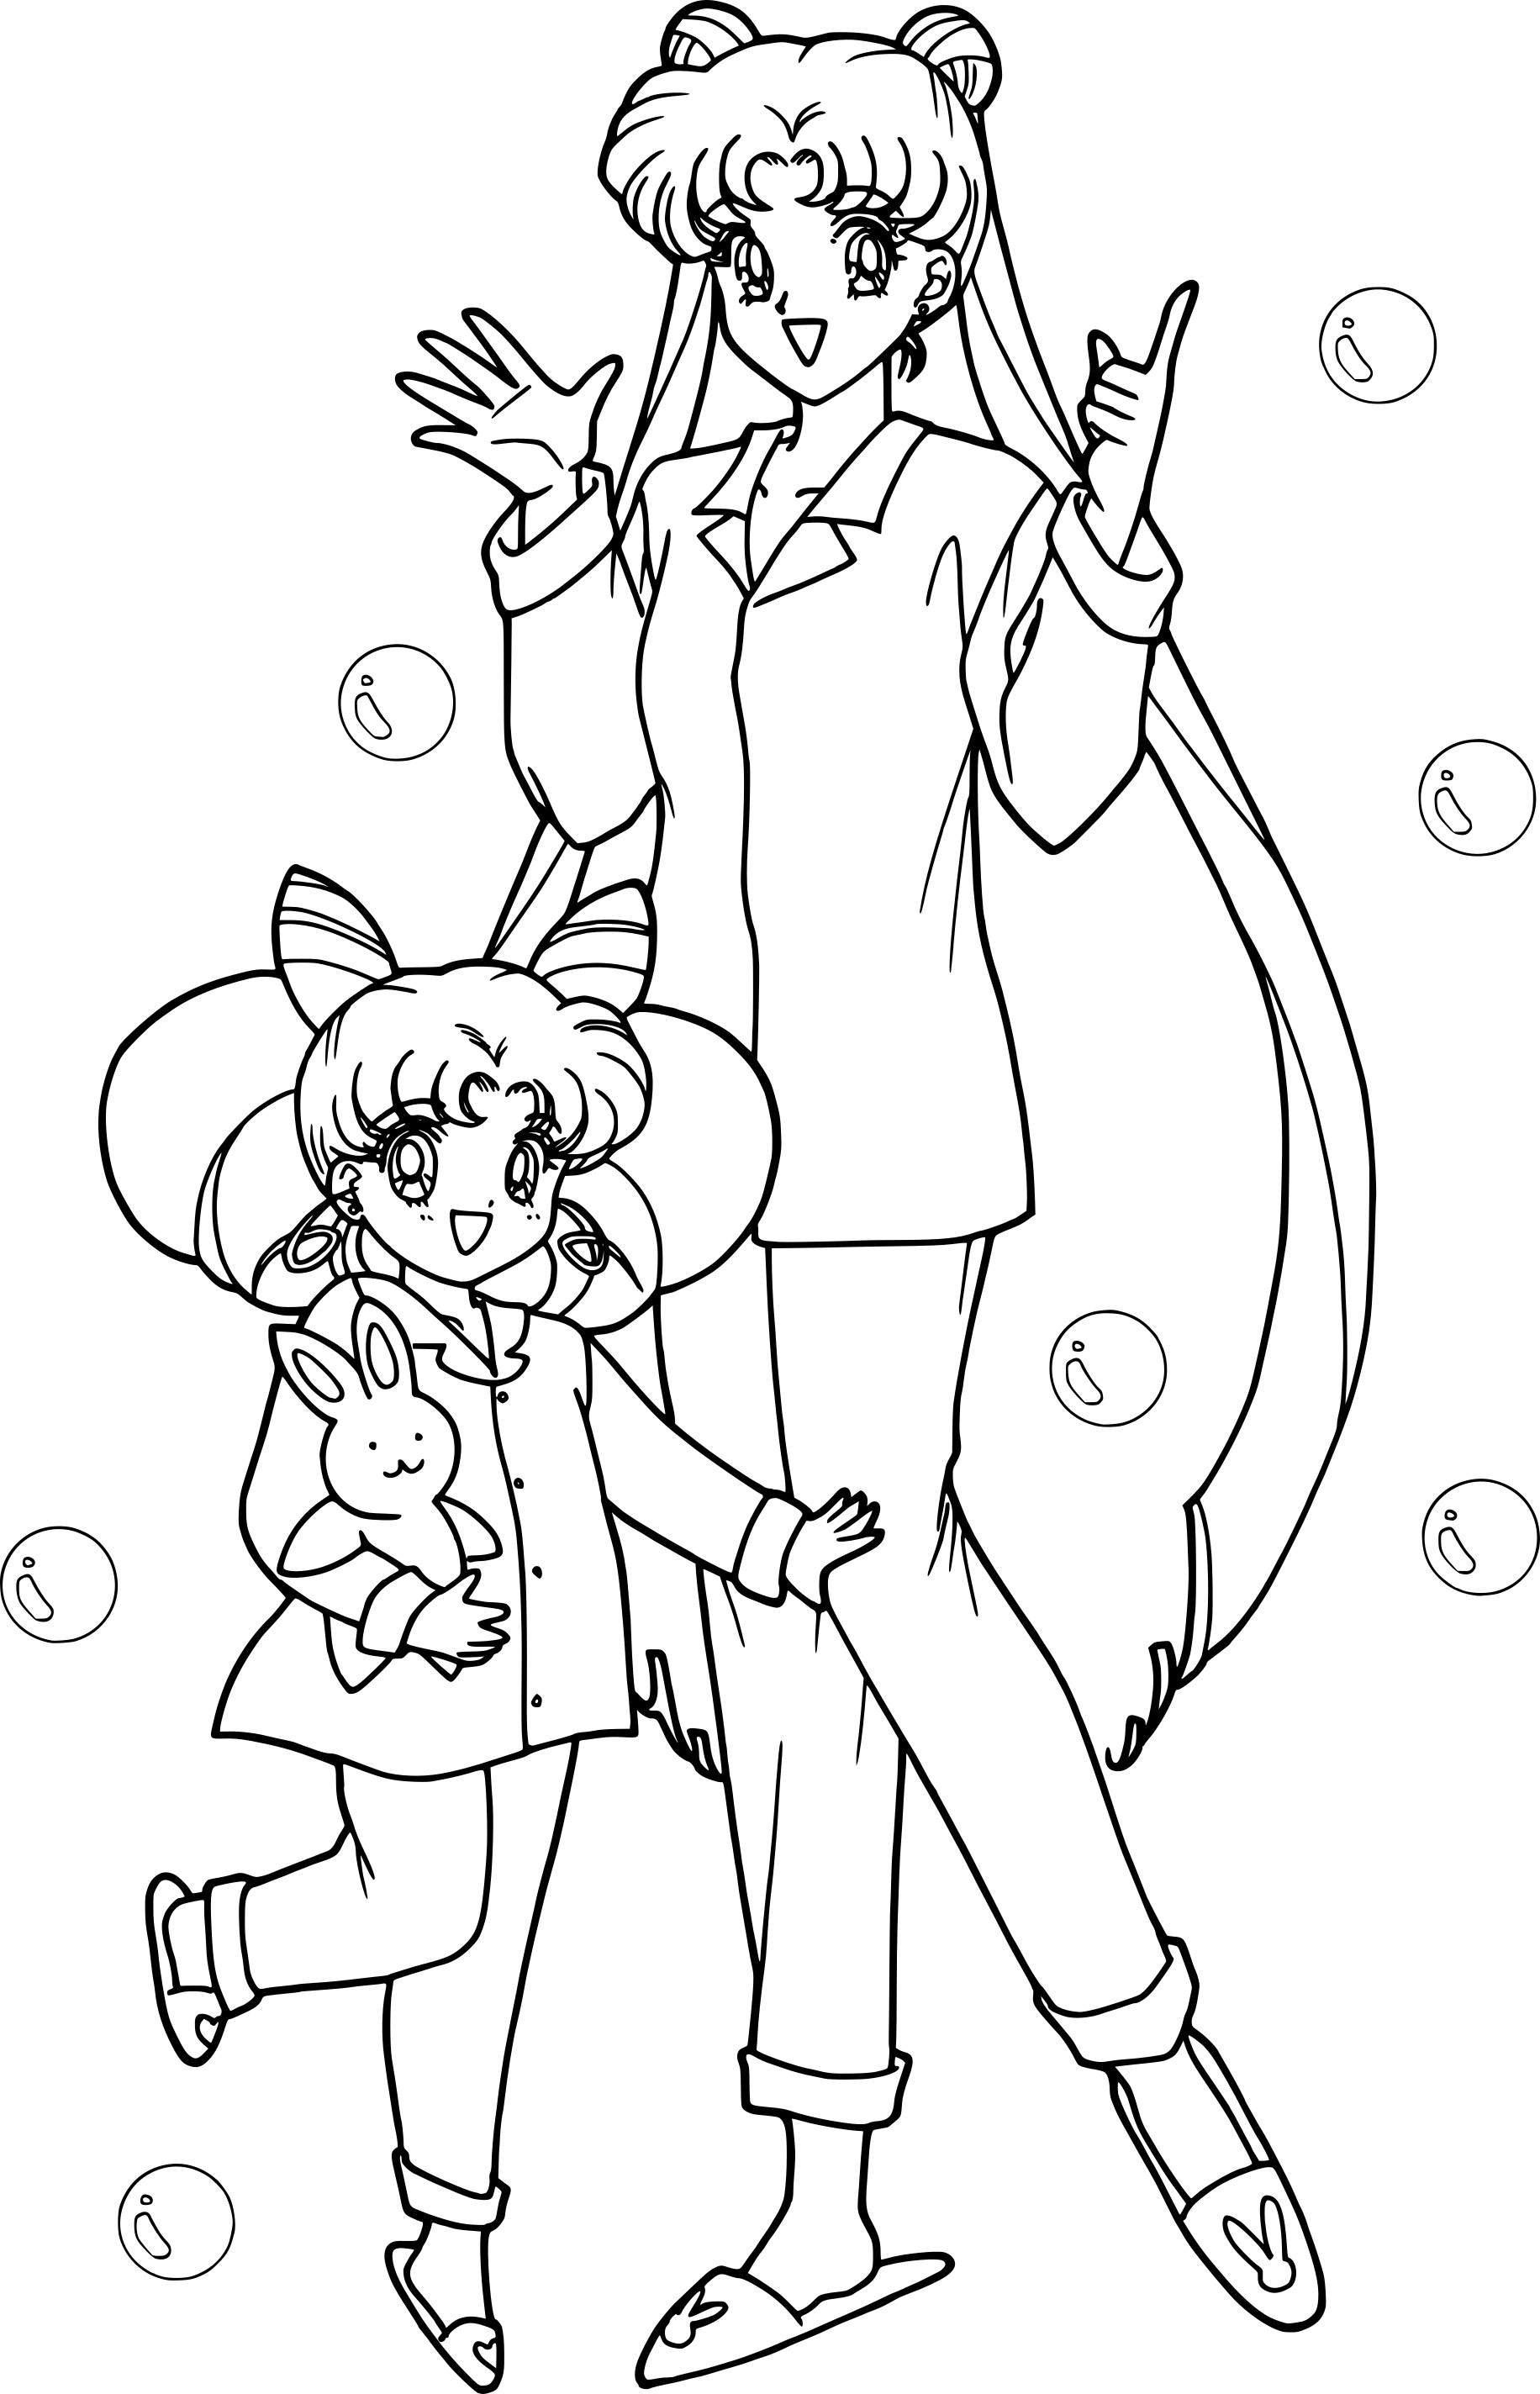 Coloriage De Fille Chibi.Coloriage Sailor Moon Et Chibi A Imprimer Gratuit